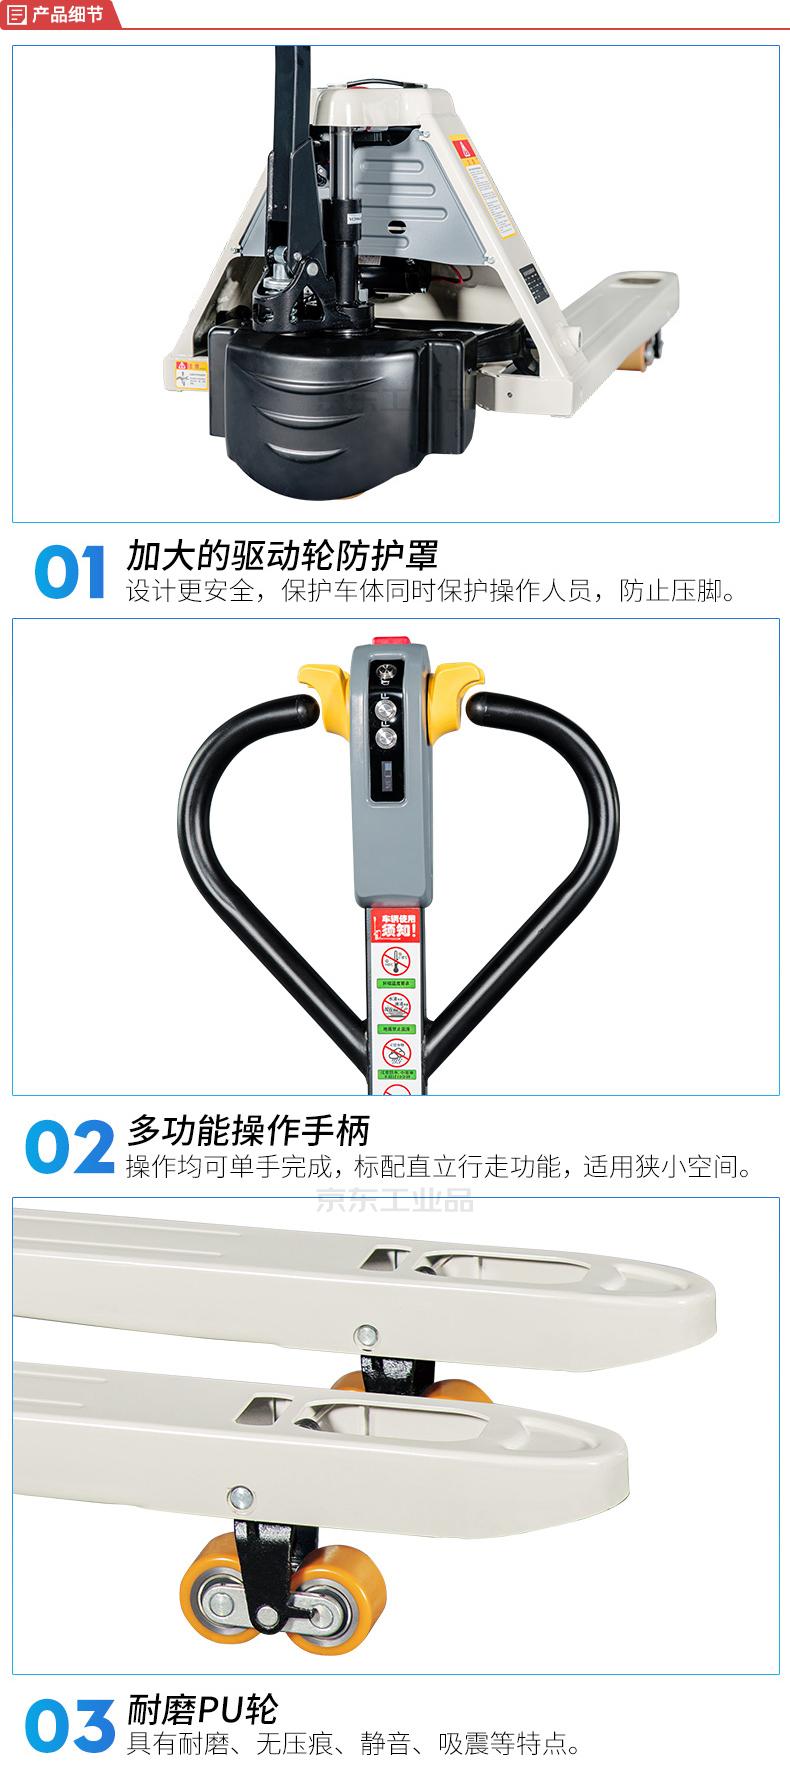 杭叉 雷翼系列全电动锂电池搬运车,额定载重1.5吨;CBD15-WS-D/685